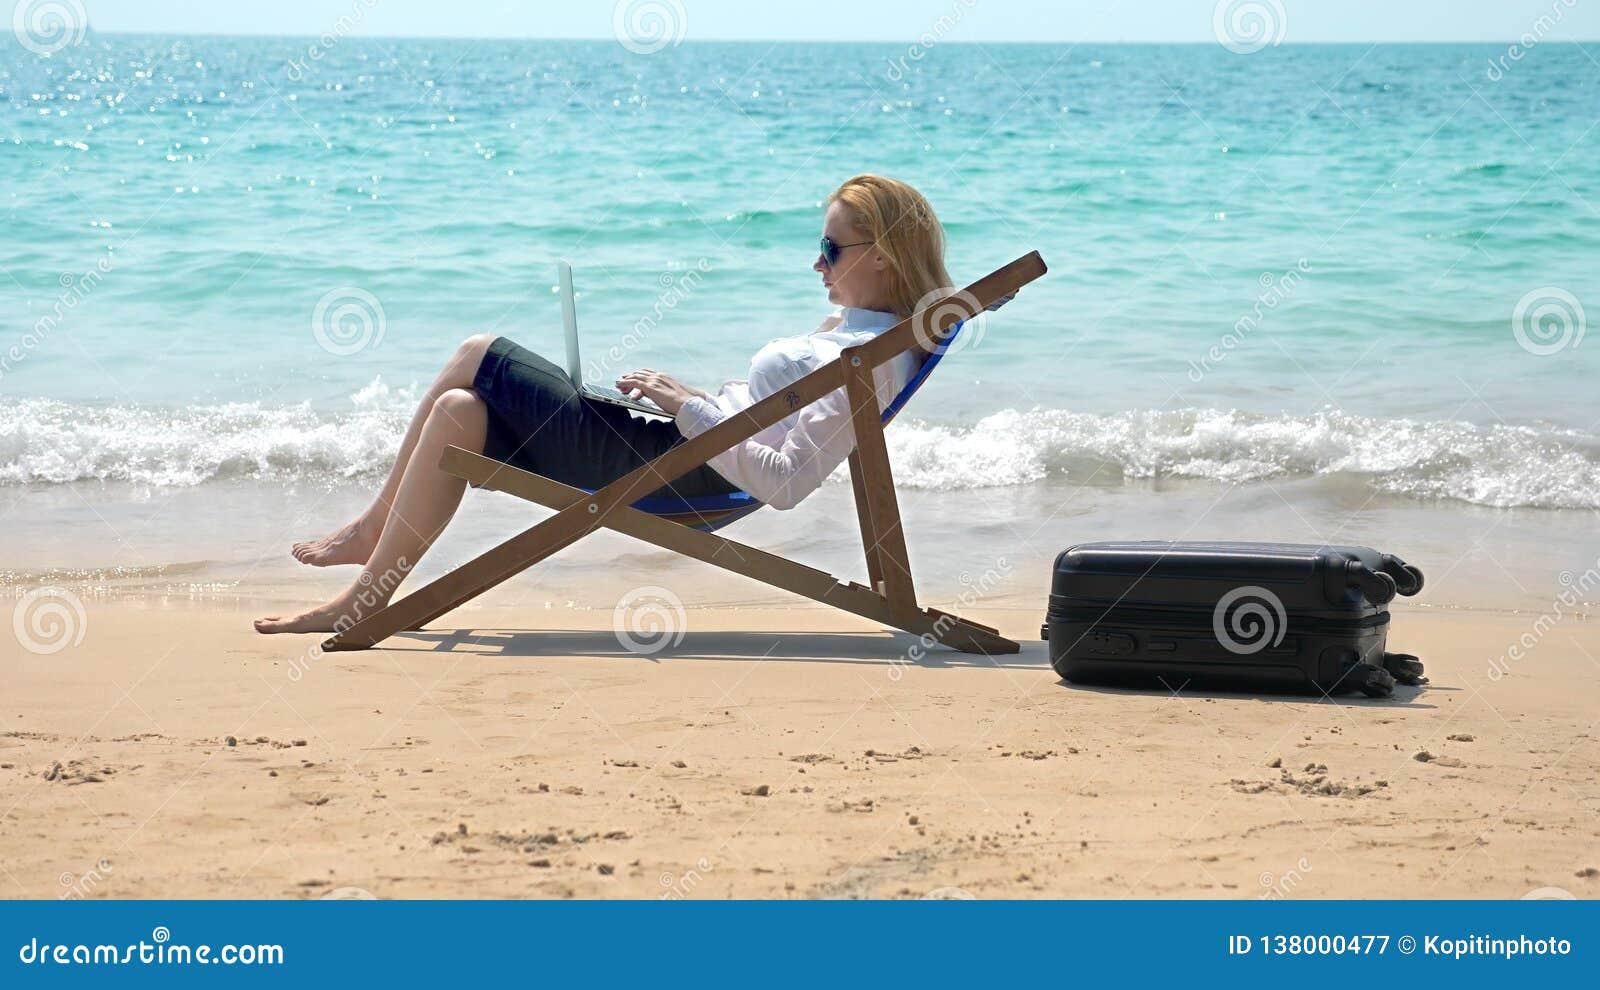 Επιχειρηματίας που εργάζεται σε ένα lap-top καθμένος σε έναν αργόσχολο θαλασσίως σε μια άσπρη αμμώδη παραλία ανεξάρτητος ή workah